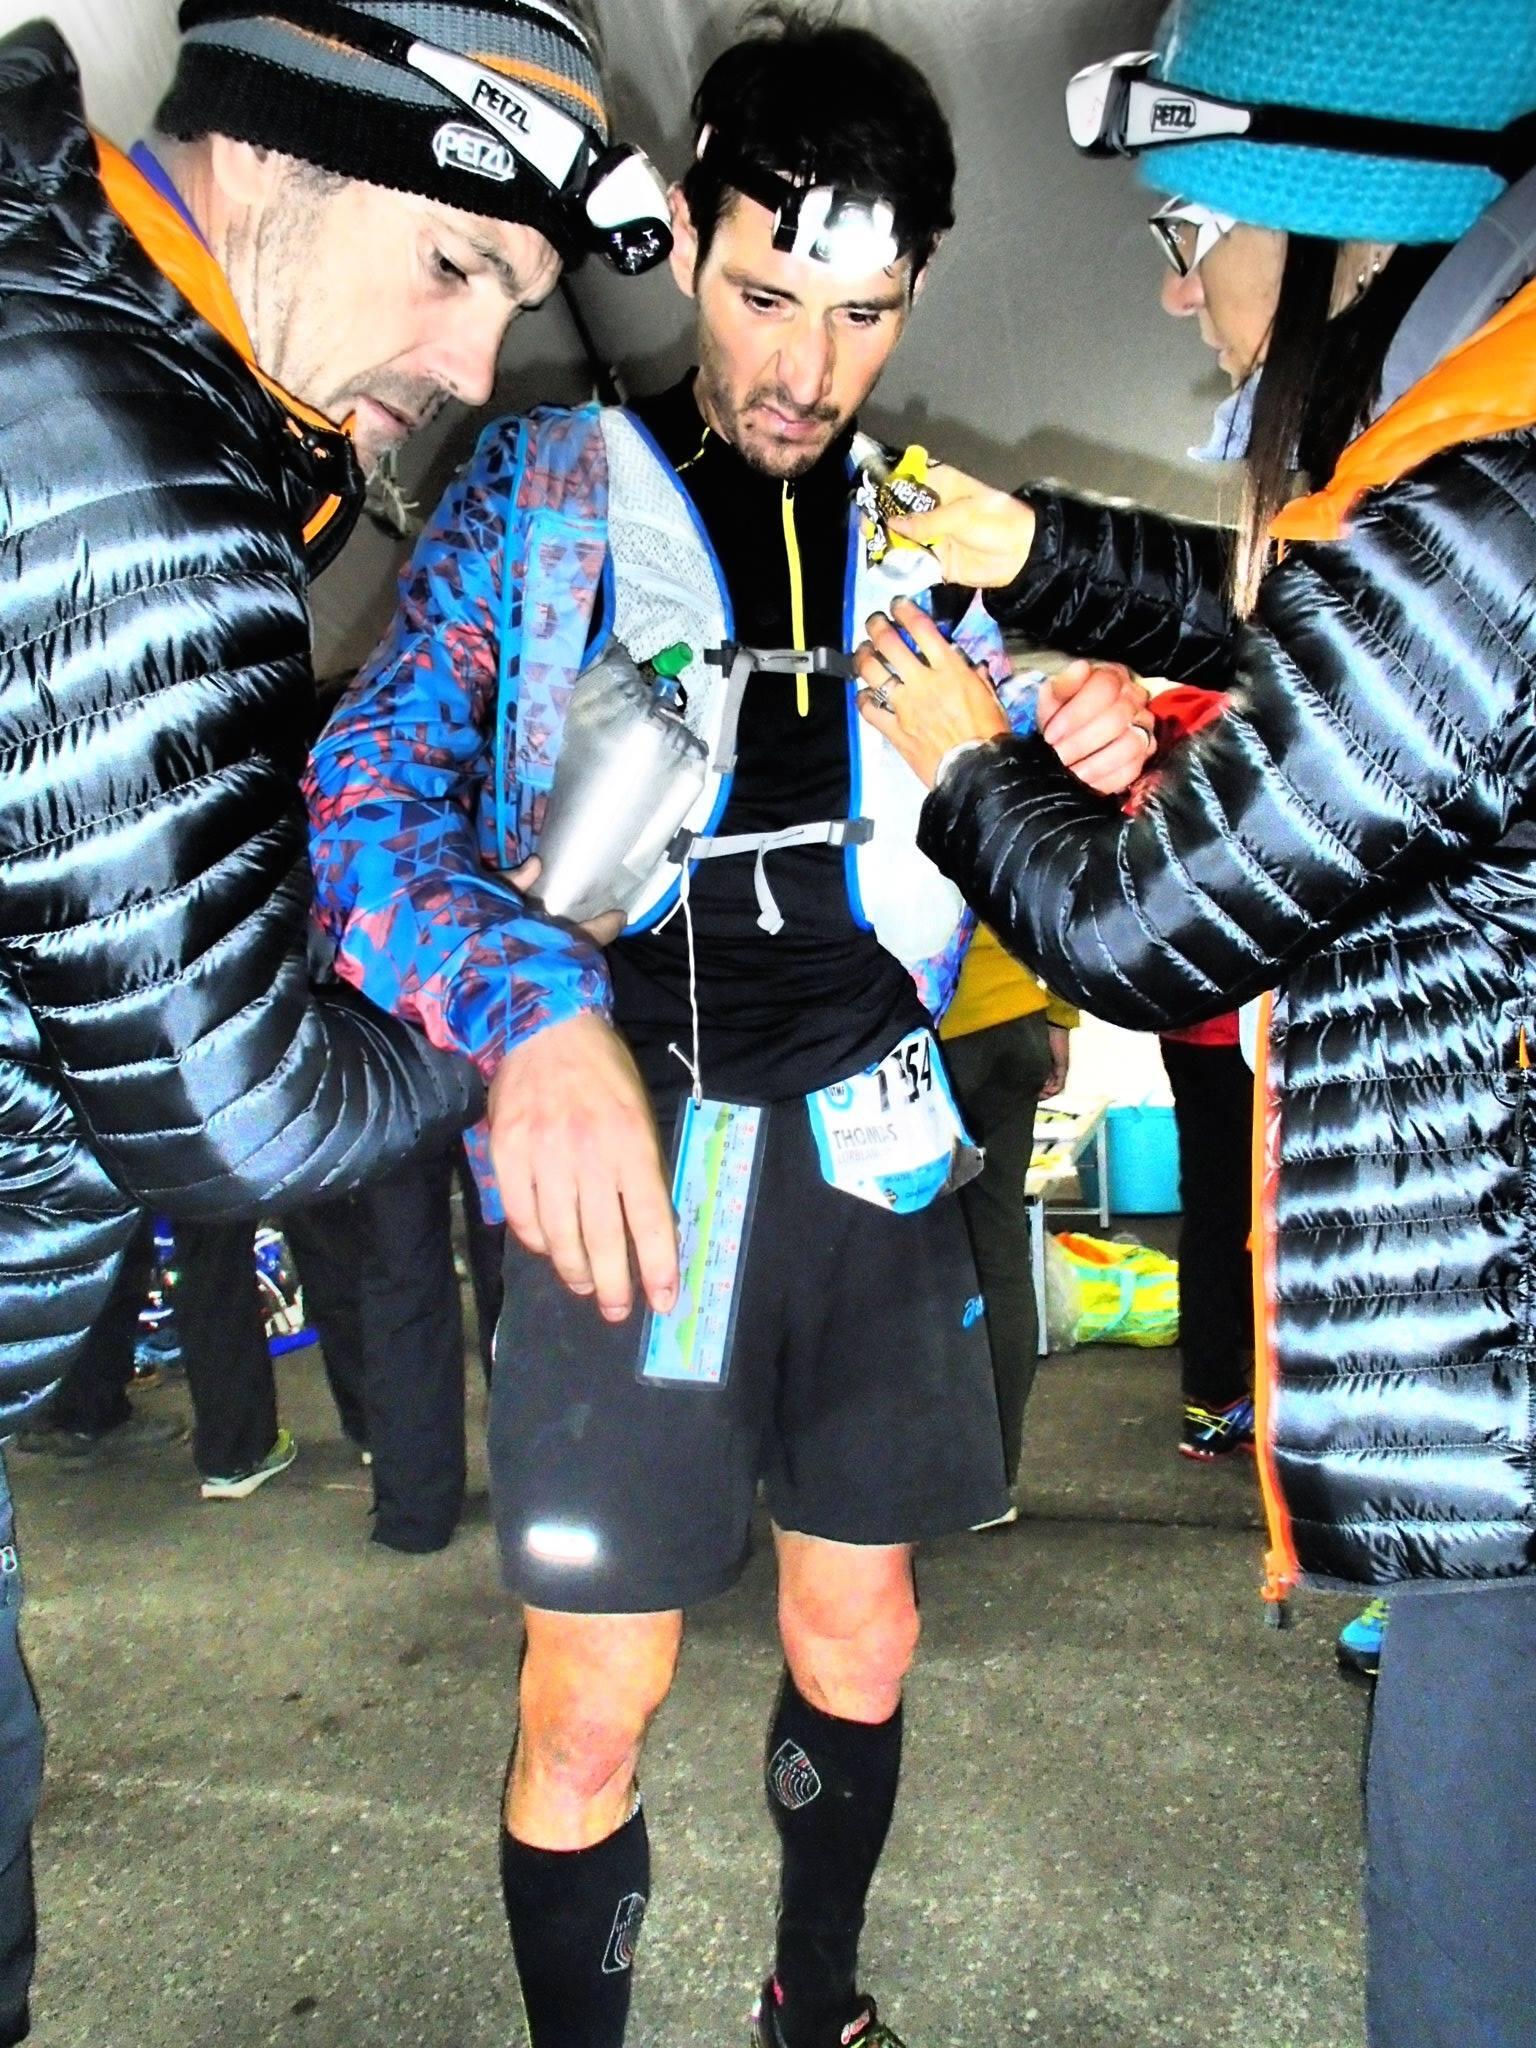 10258049 740485822639279 2298710033787266698 o - Ultra Trail du Mont Fuji : François D'Haene intouchable !